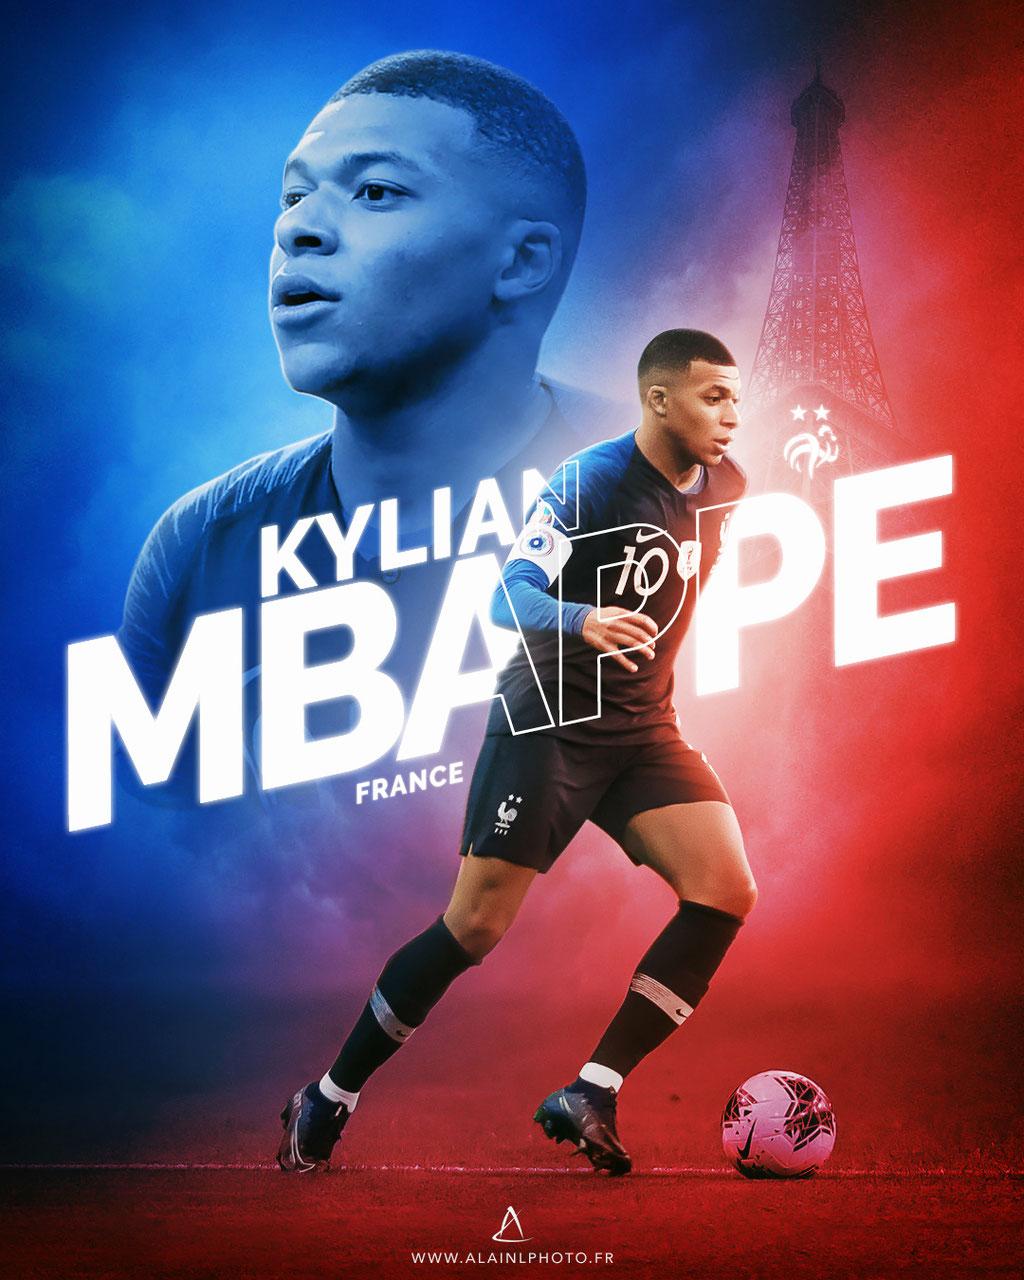 Kylian Mbappé - Equipe de France